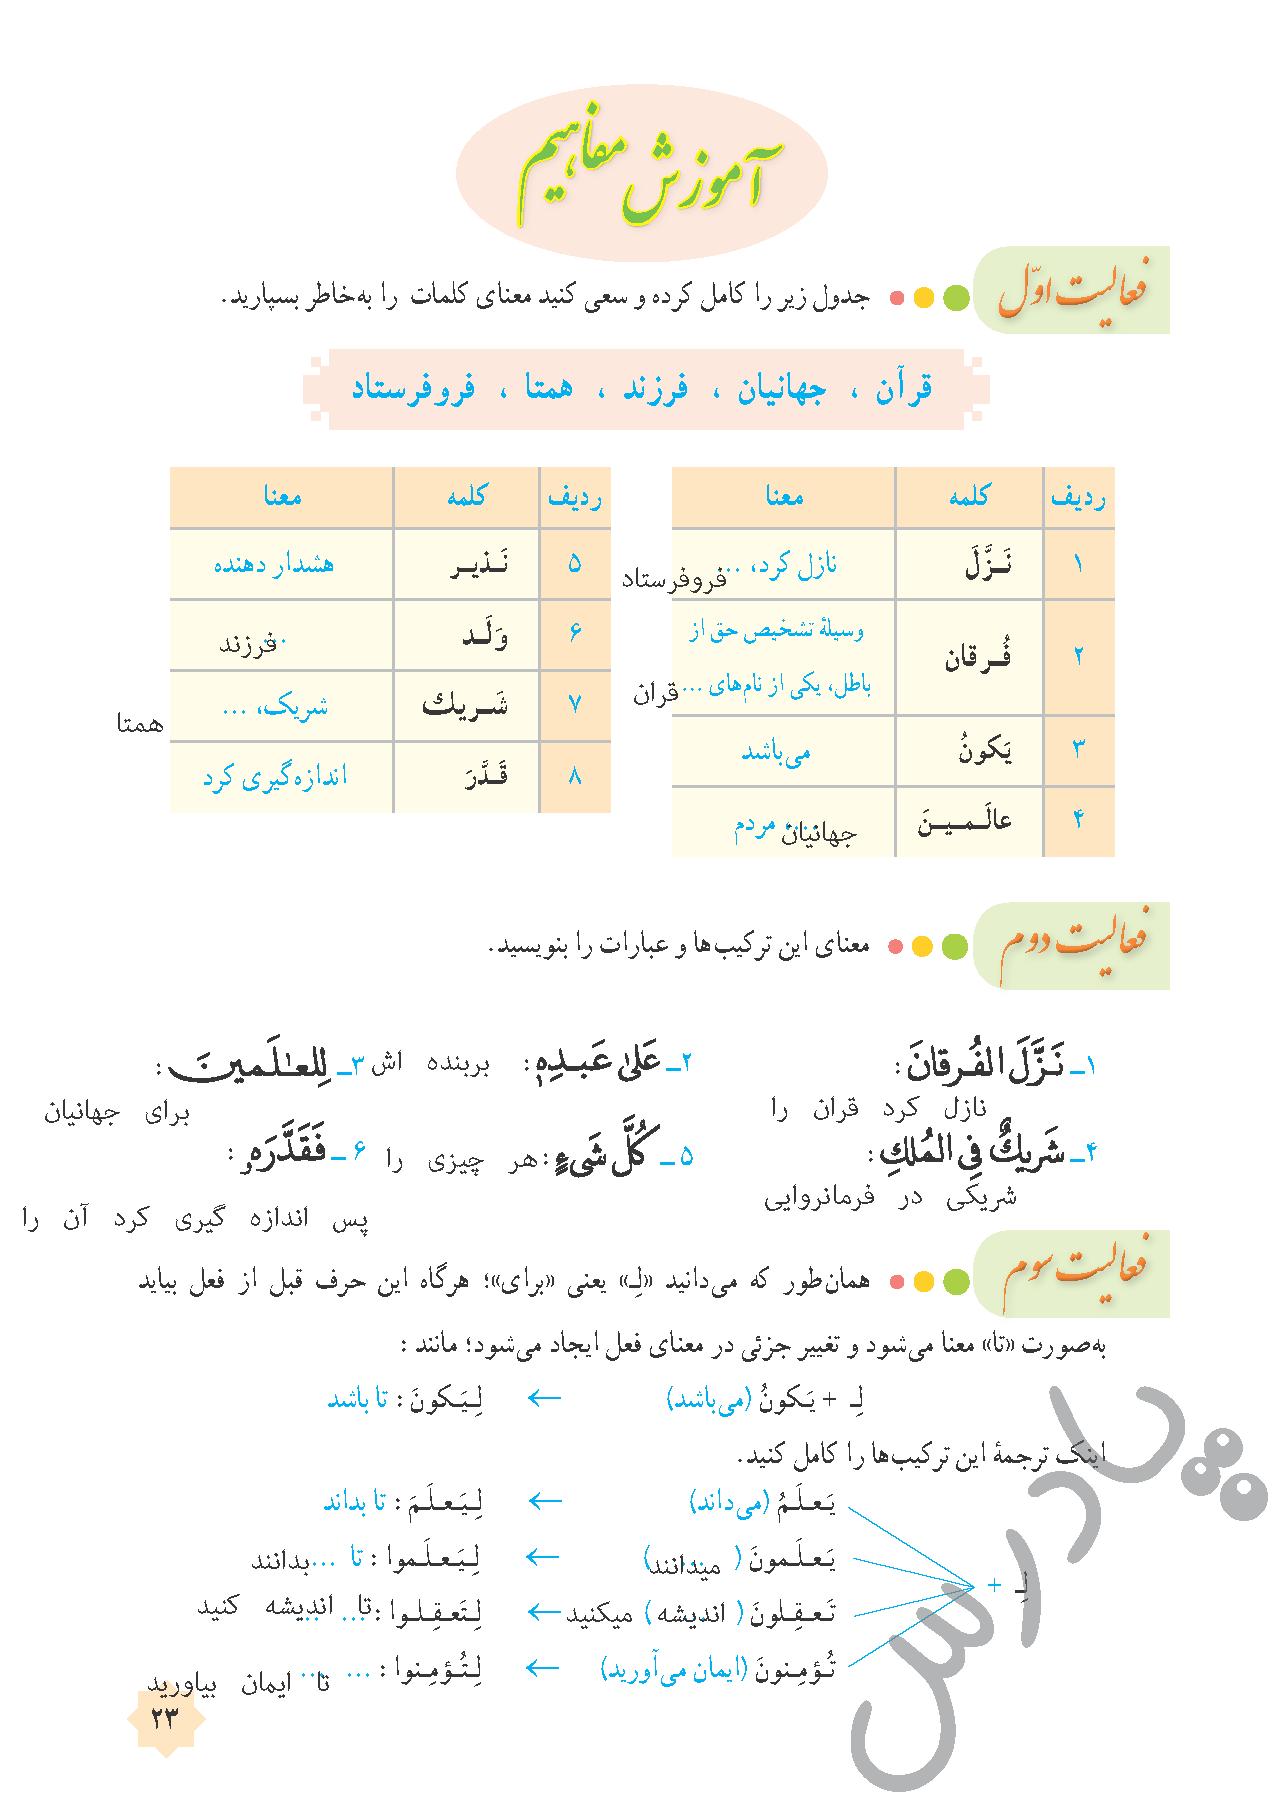 جواب فعالیت های درس 2 قرآن هشتم - جلسه اول